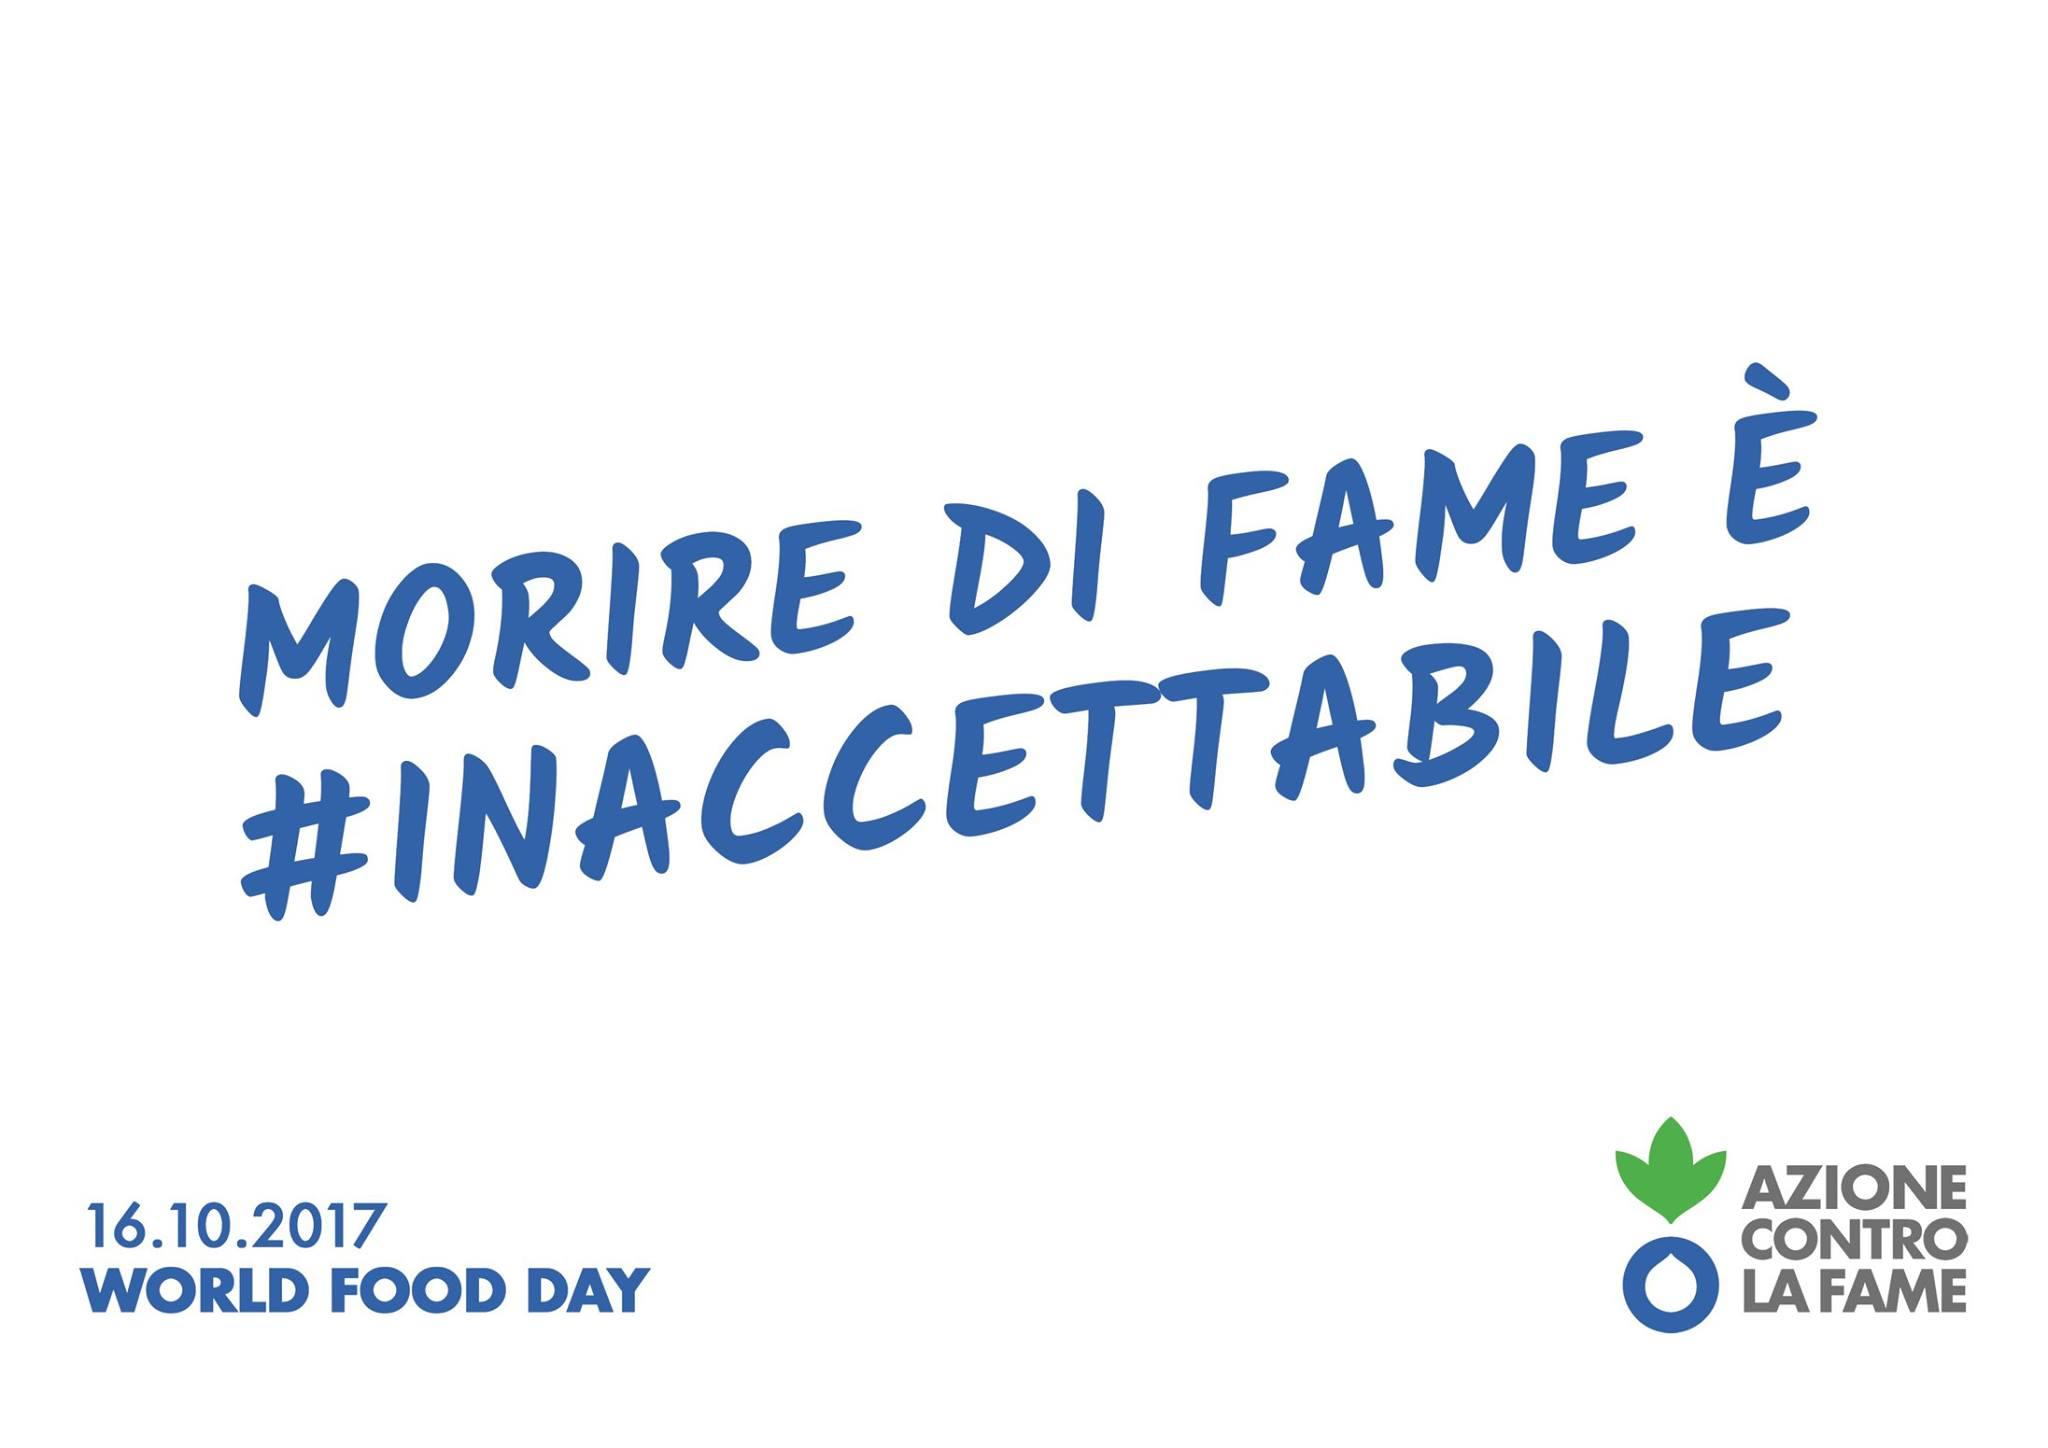 #inaccettabile